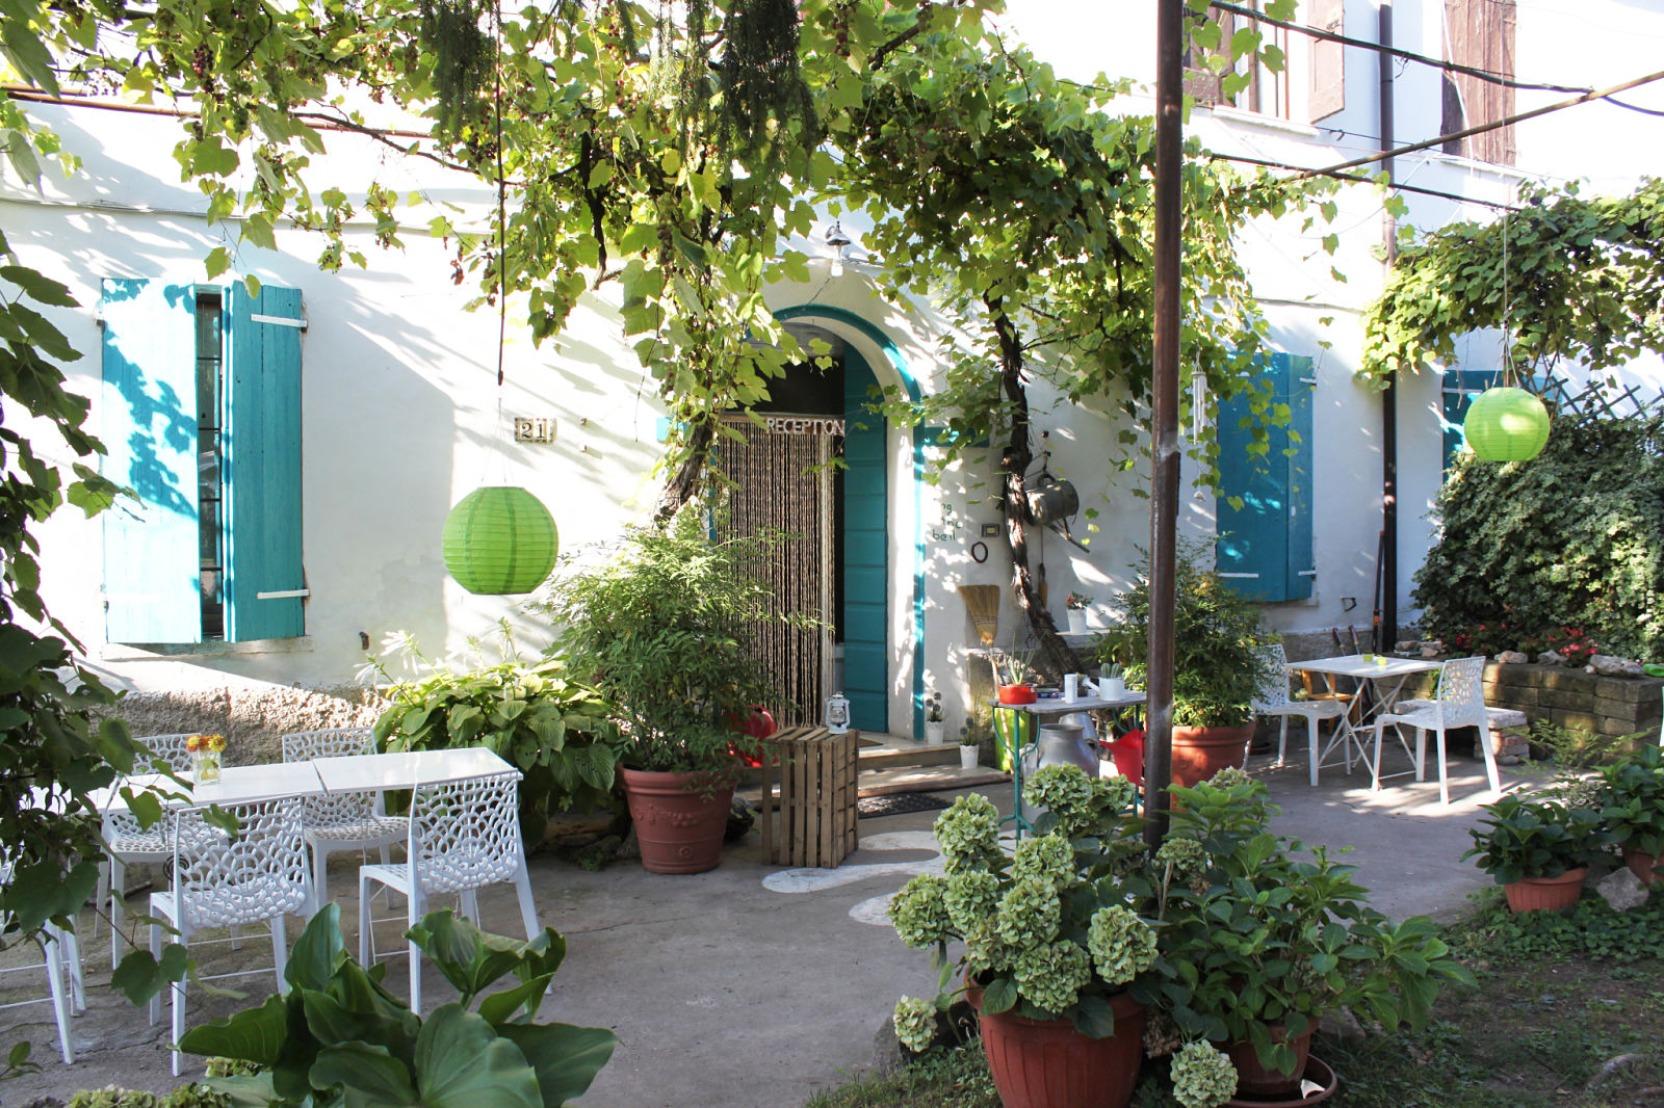 A bench in a garden at Agriturismo Beatilla.